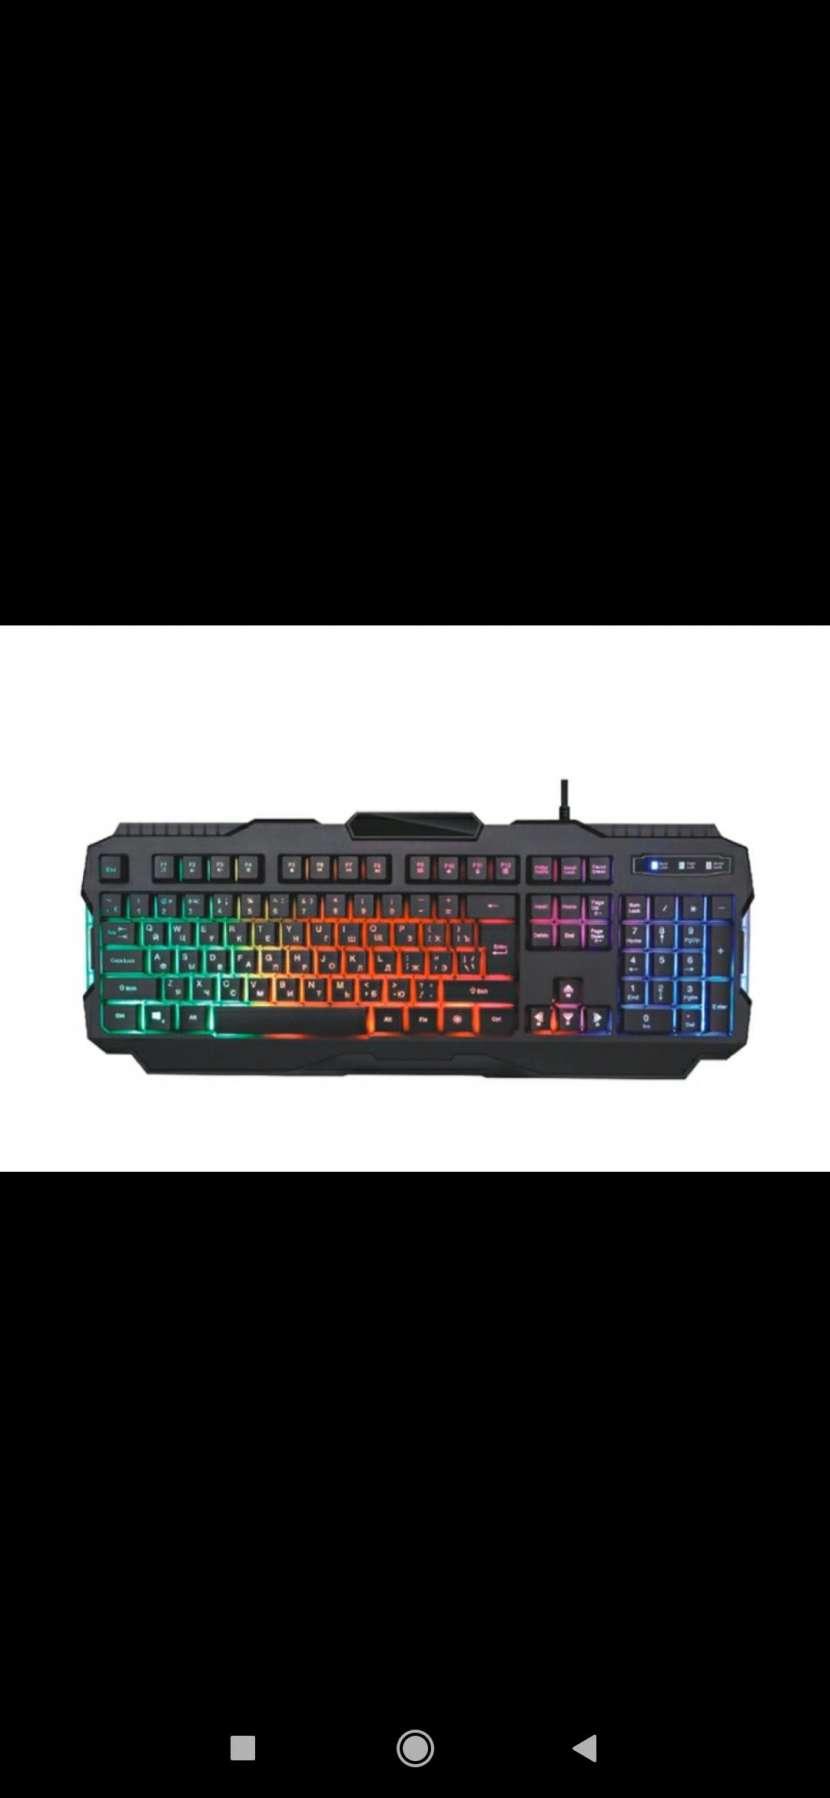 Teclado y mouse gamer - 1